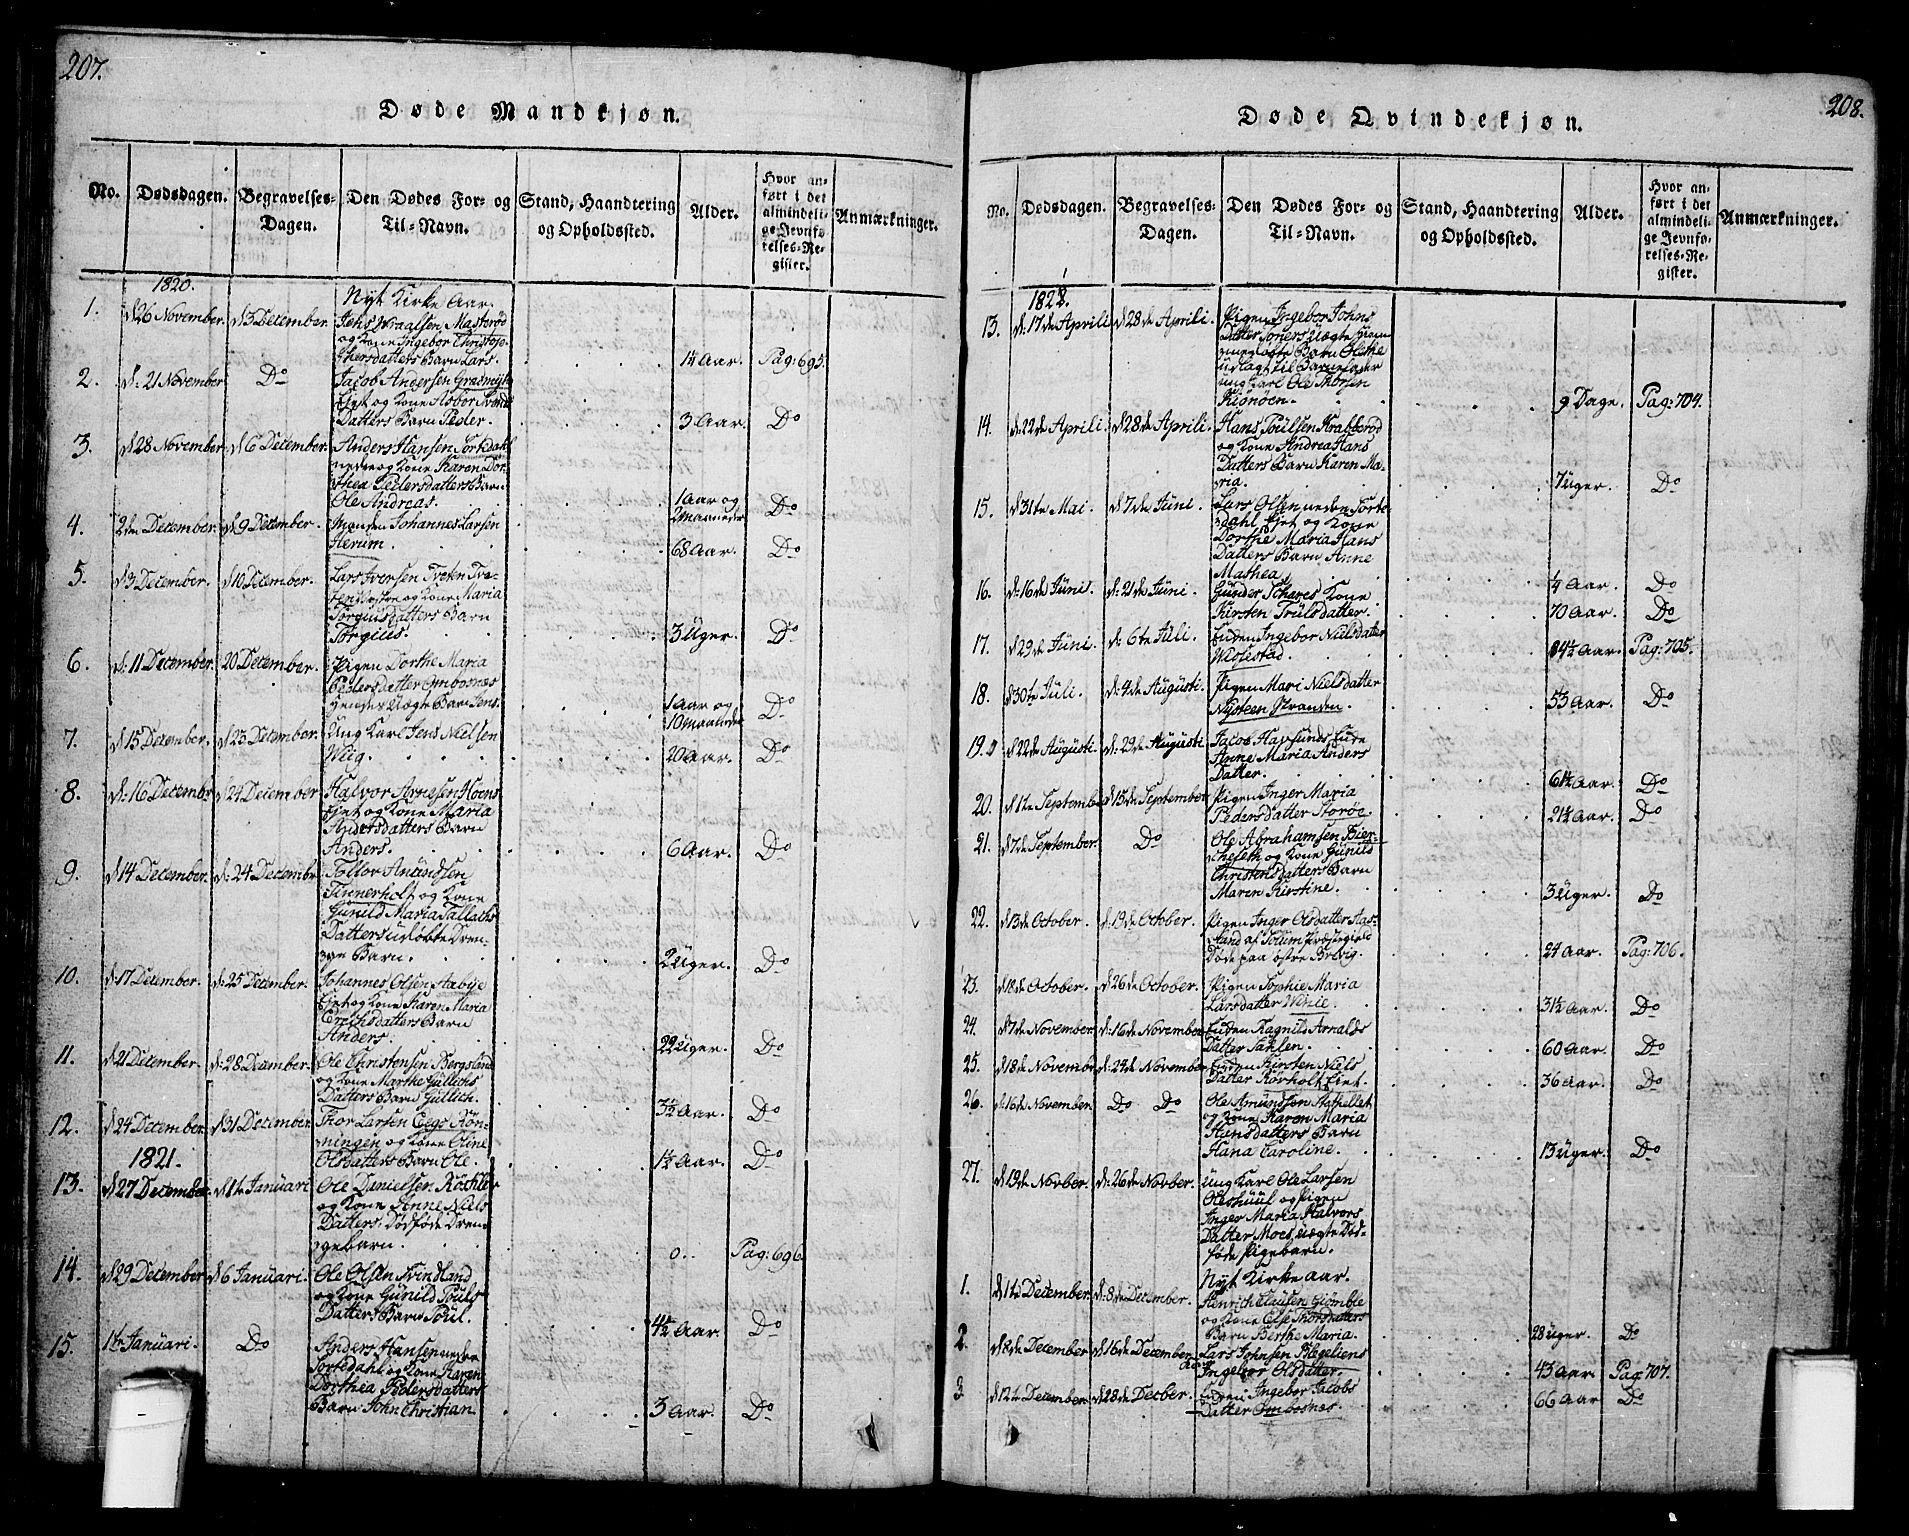 SAKO, Bamble kirkebøker, G/Ga/L0005: Klokkerbok nr. I 5, 1814-1855, s. 207-208